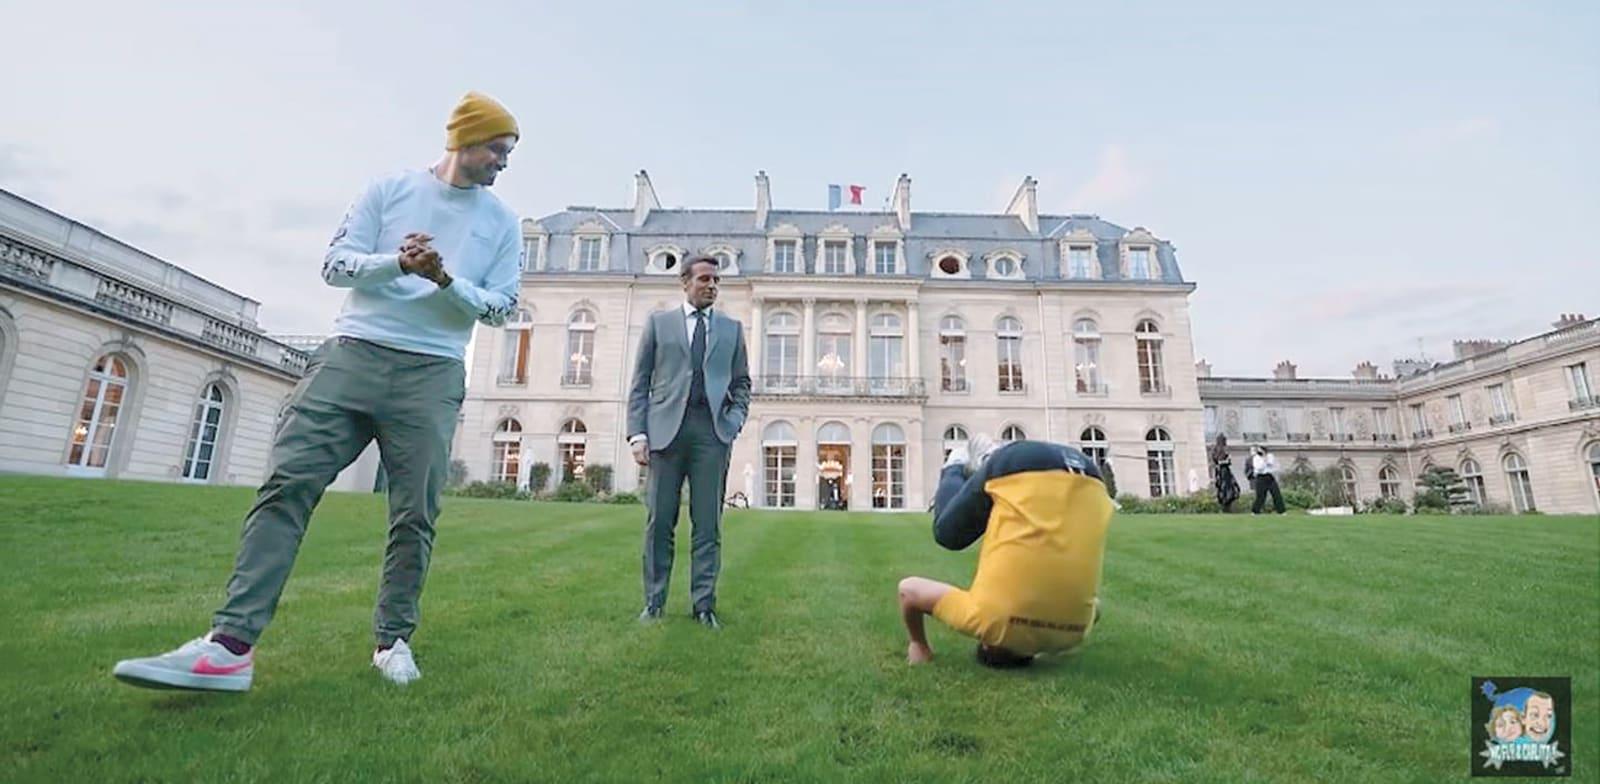 """הנשיא מקרון והיוטיוברים על מדשאות ארמון האליזה. המתנגדים מאשימים אותו ב""""שוחד"""" בחירות / צילום: יוטיוב"""